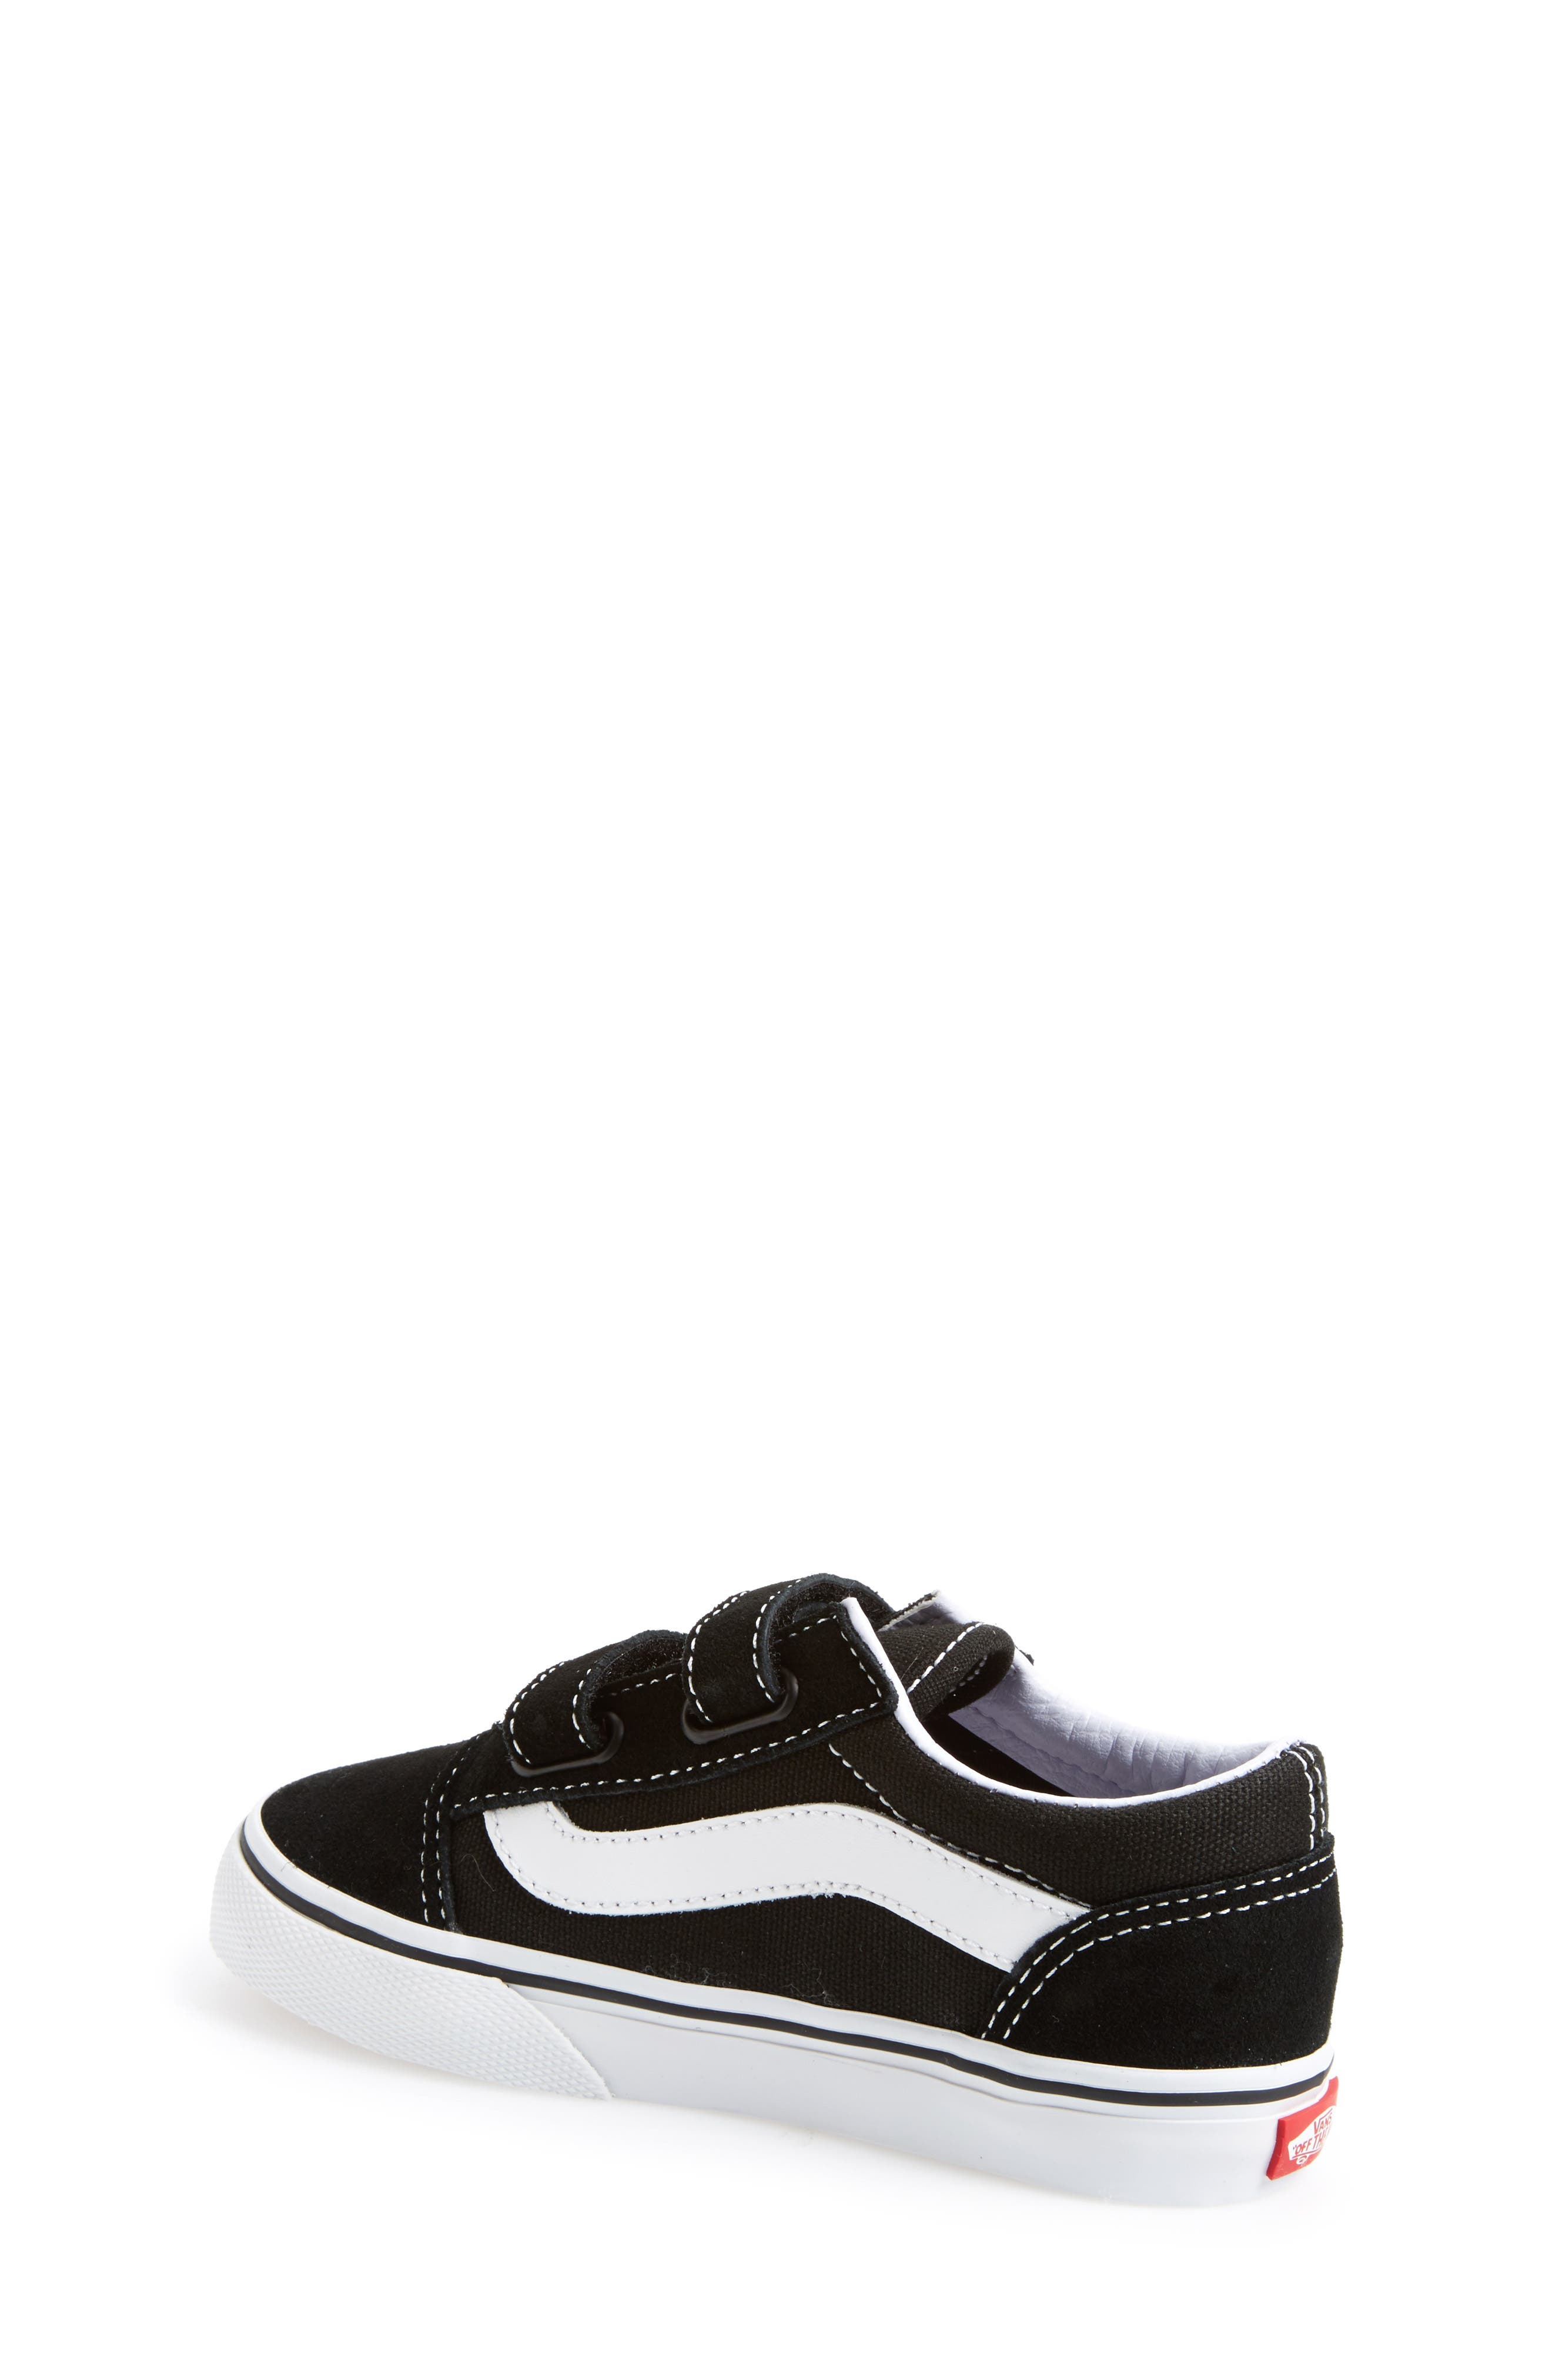 'Old Skool V' Sneaker,                             Alternate thumbnail 2, color,                             Black/ True White